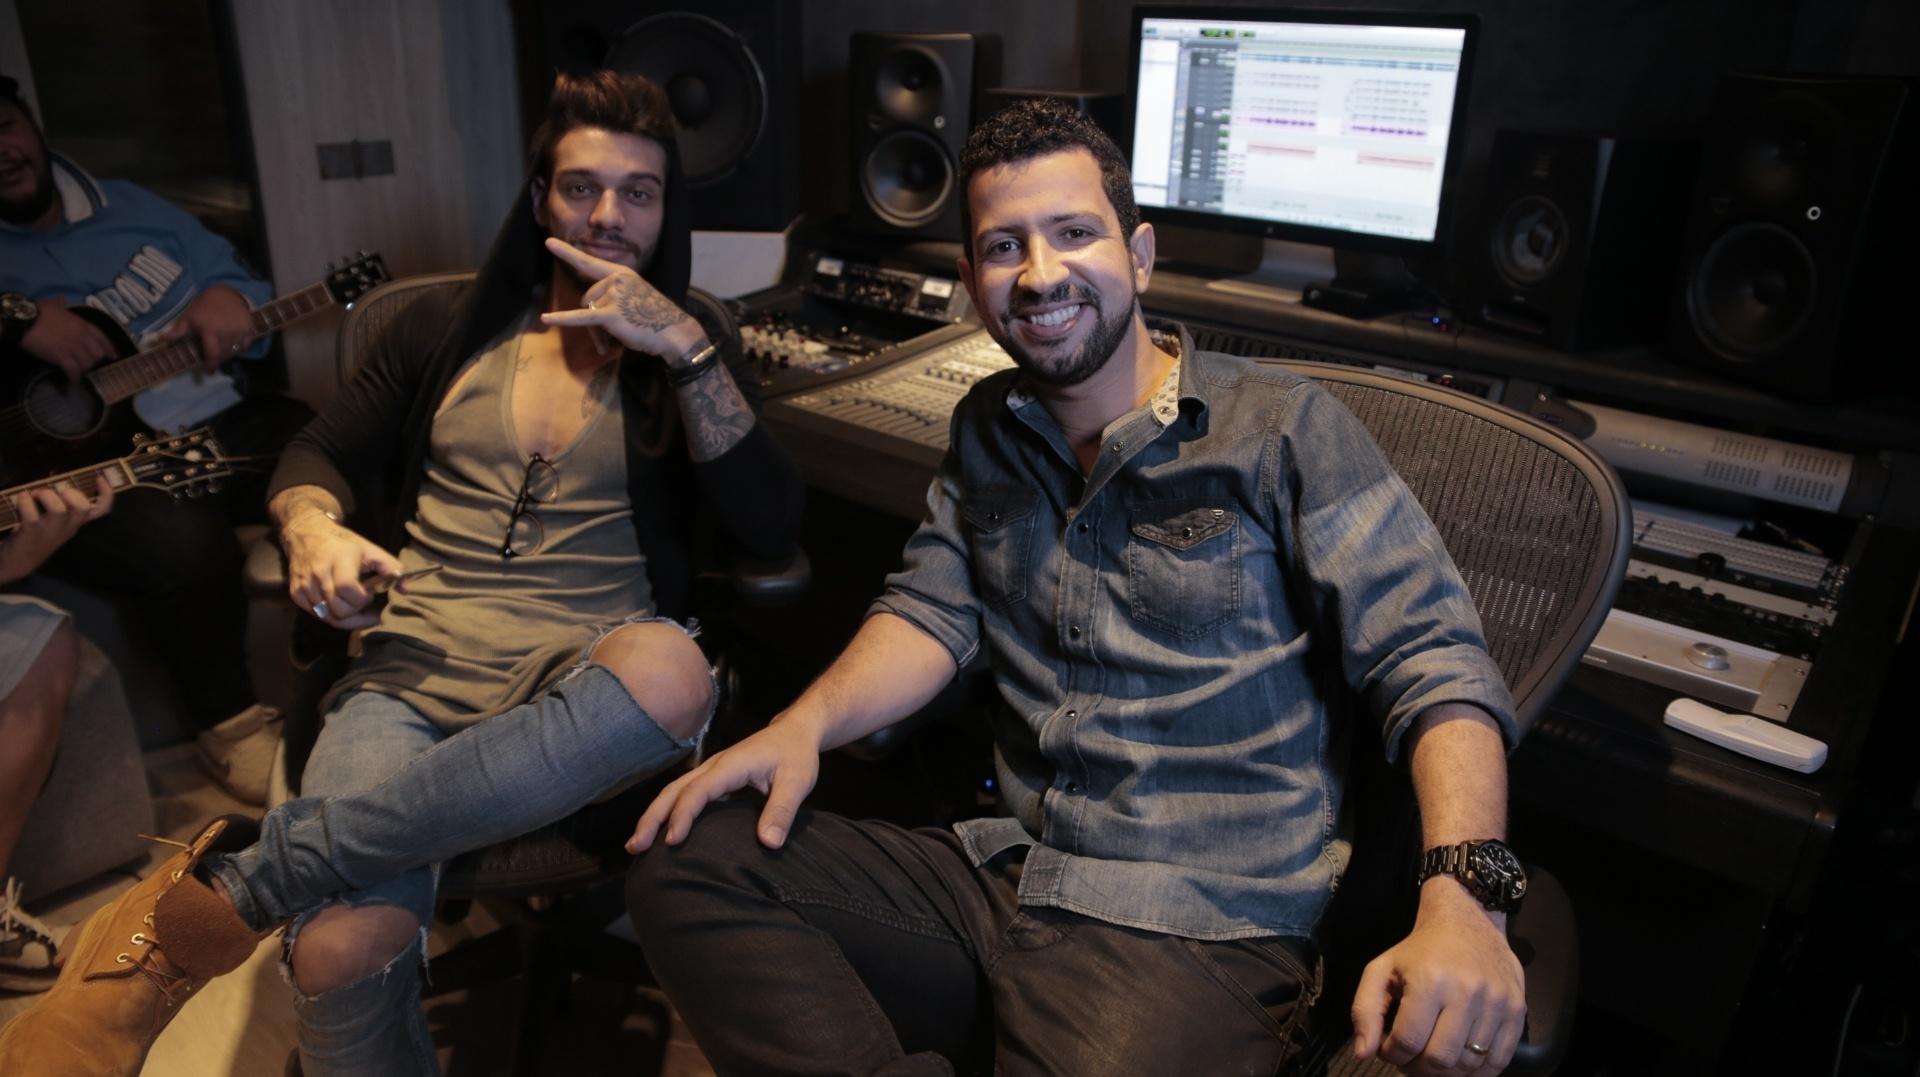 Dennis DJ com o cantor sertanejo Lucas Lucco no estúdio